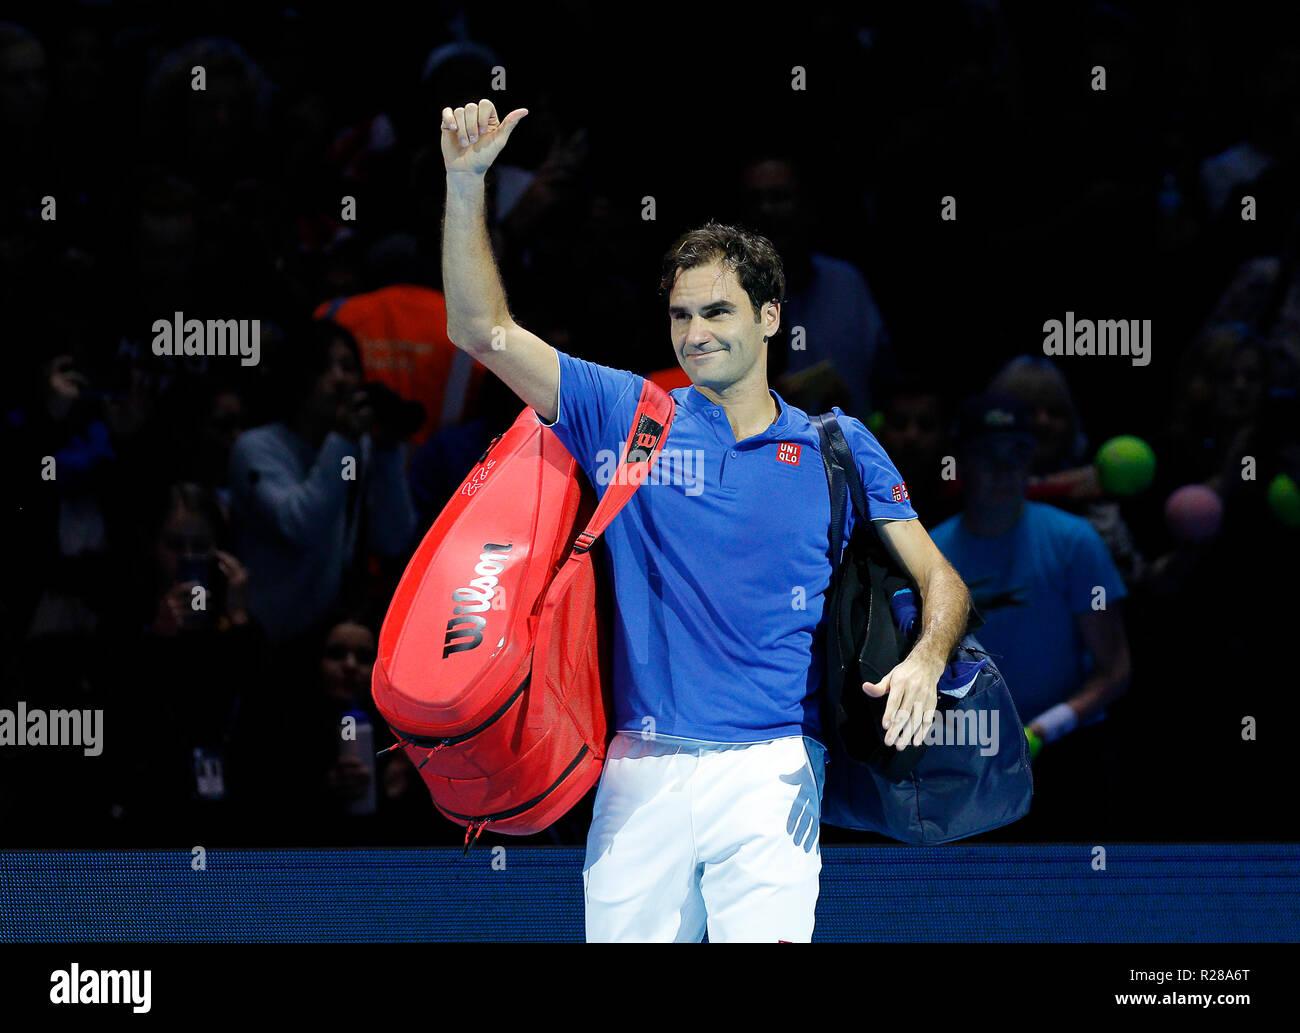 Roger Federer Fans Stock Photos   Roger Federer Fans Stock Images ... 7053eb8d8bab